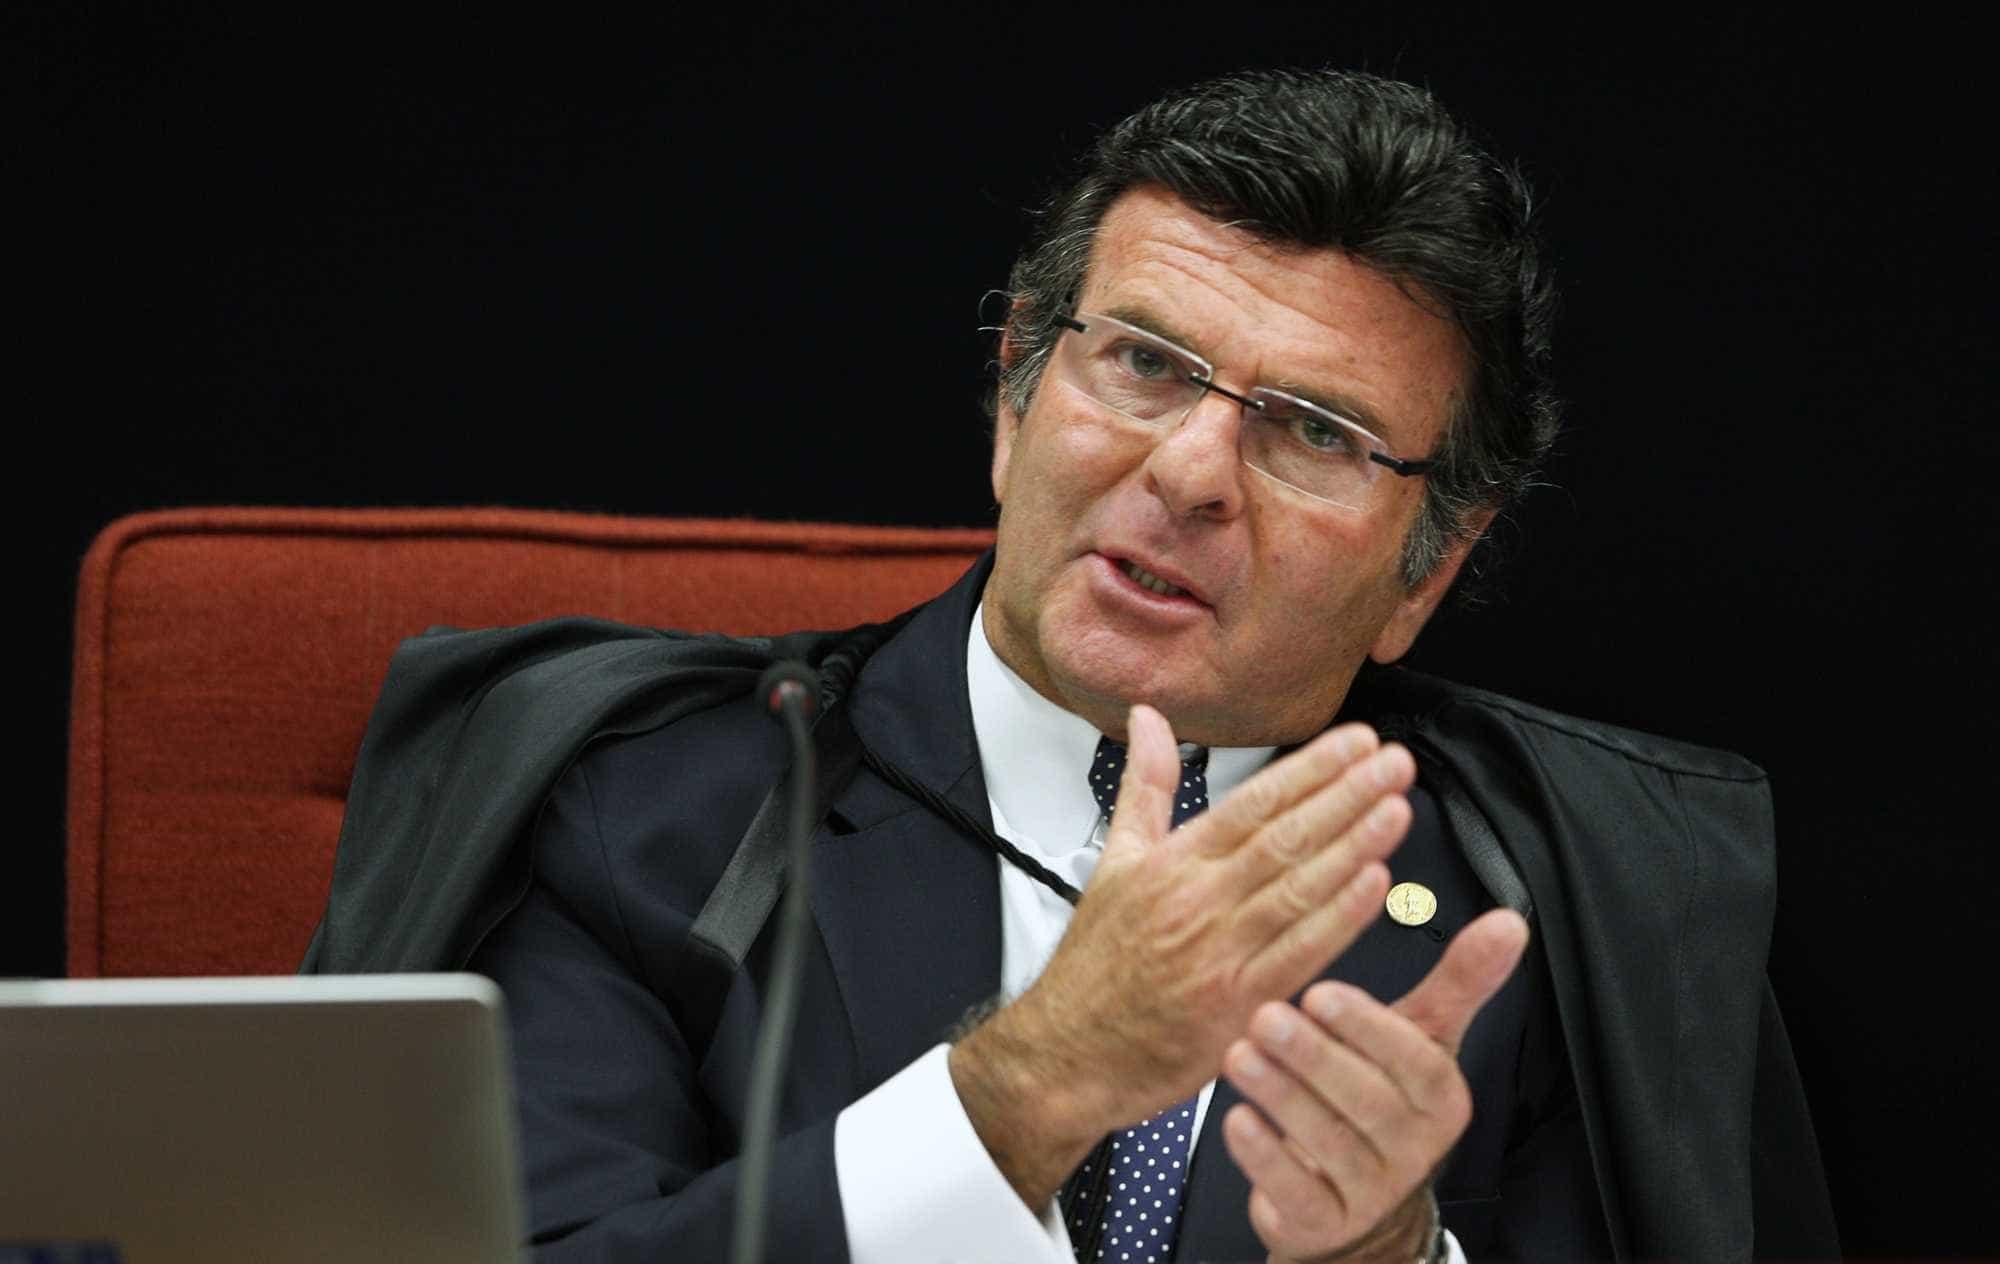 Advogados do PT podem pedir suspeição de Fux no caso Lula, diz jornal